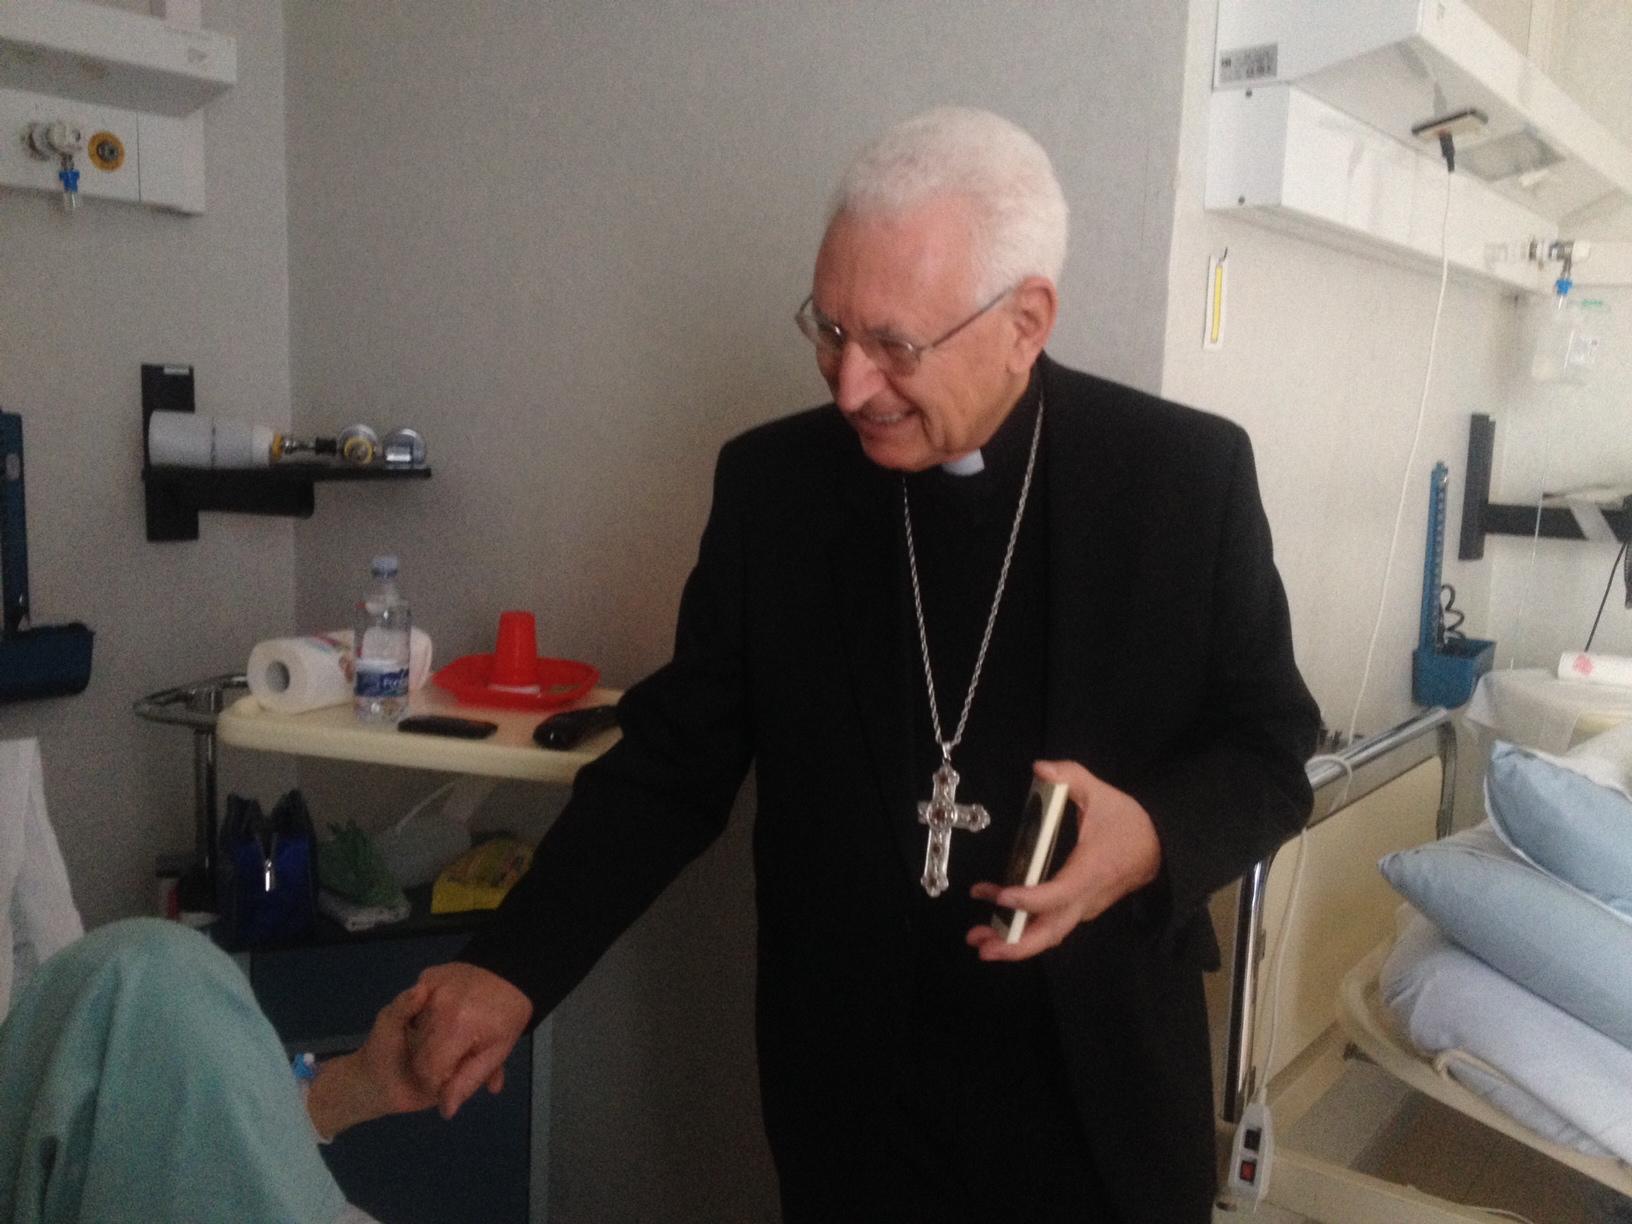 L'arcivescovo di Siracusa Mons. Salvatore Pappalardo visita la casa di cura Villa Azzurra